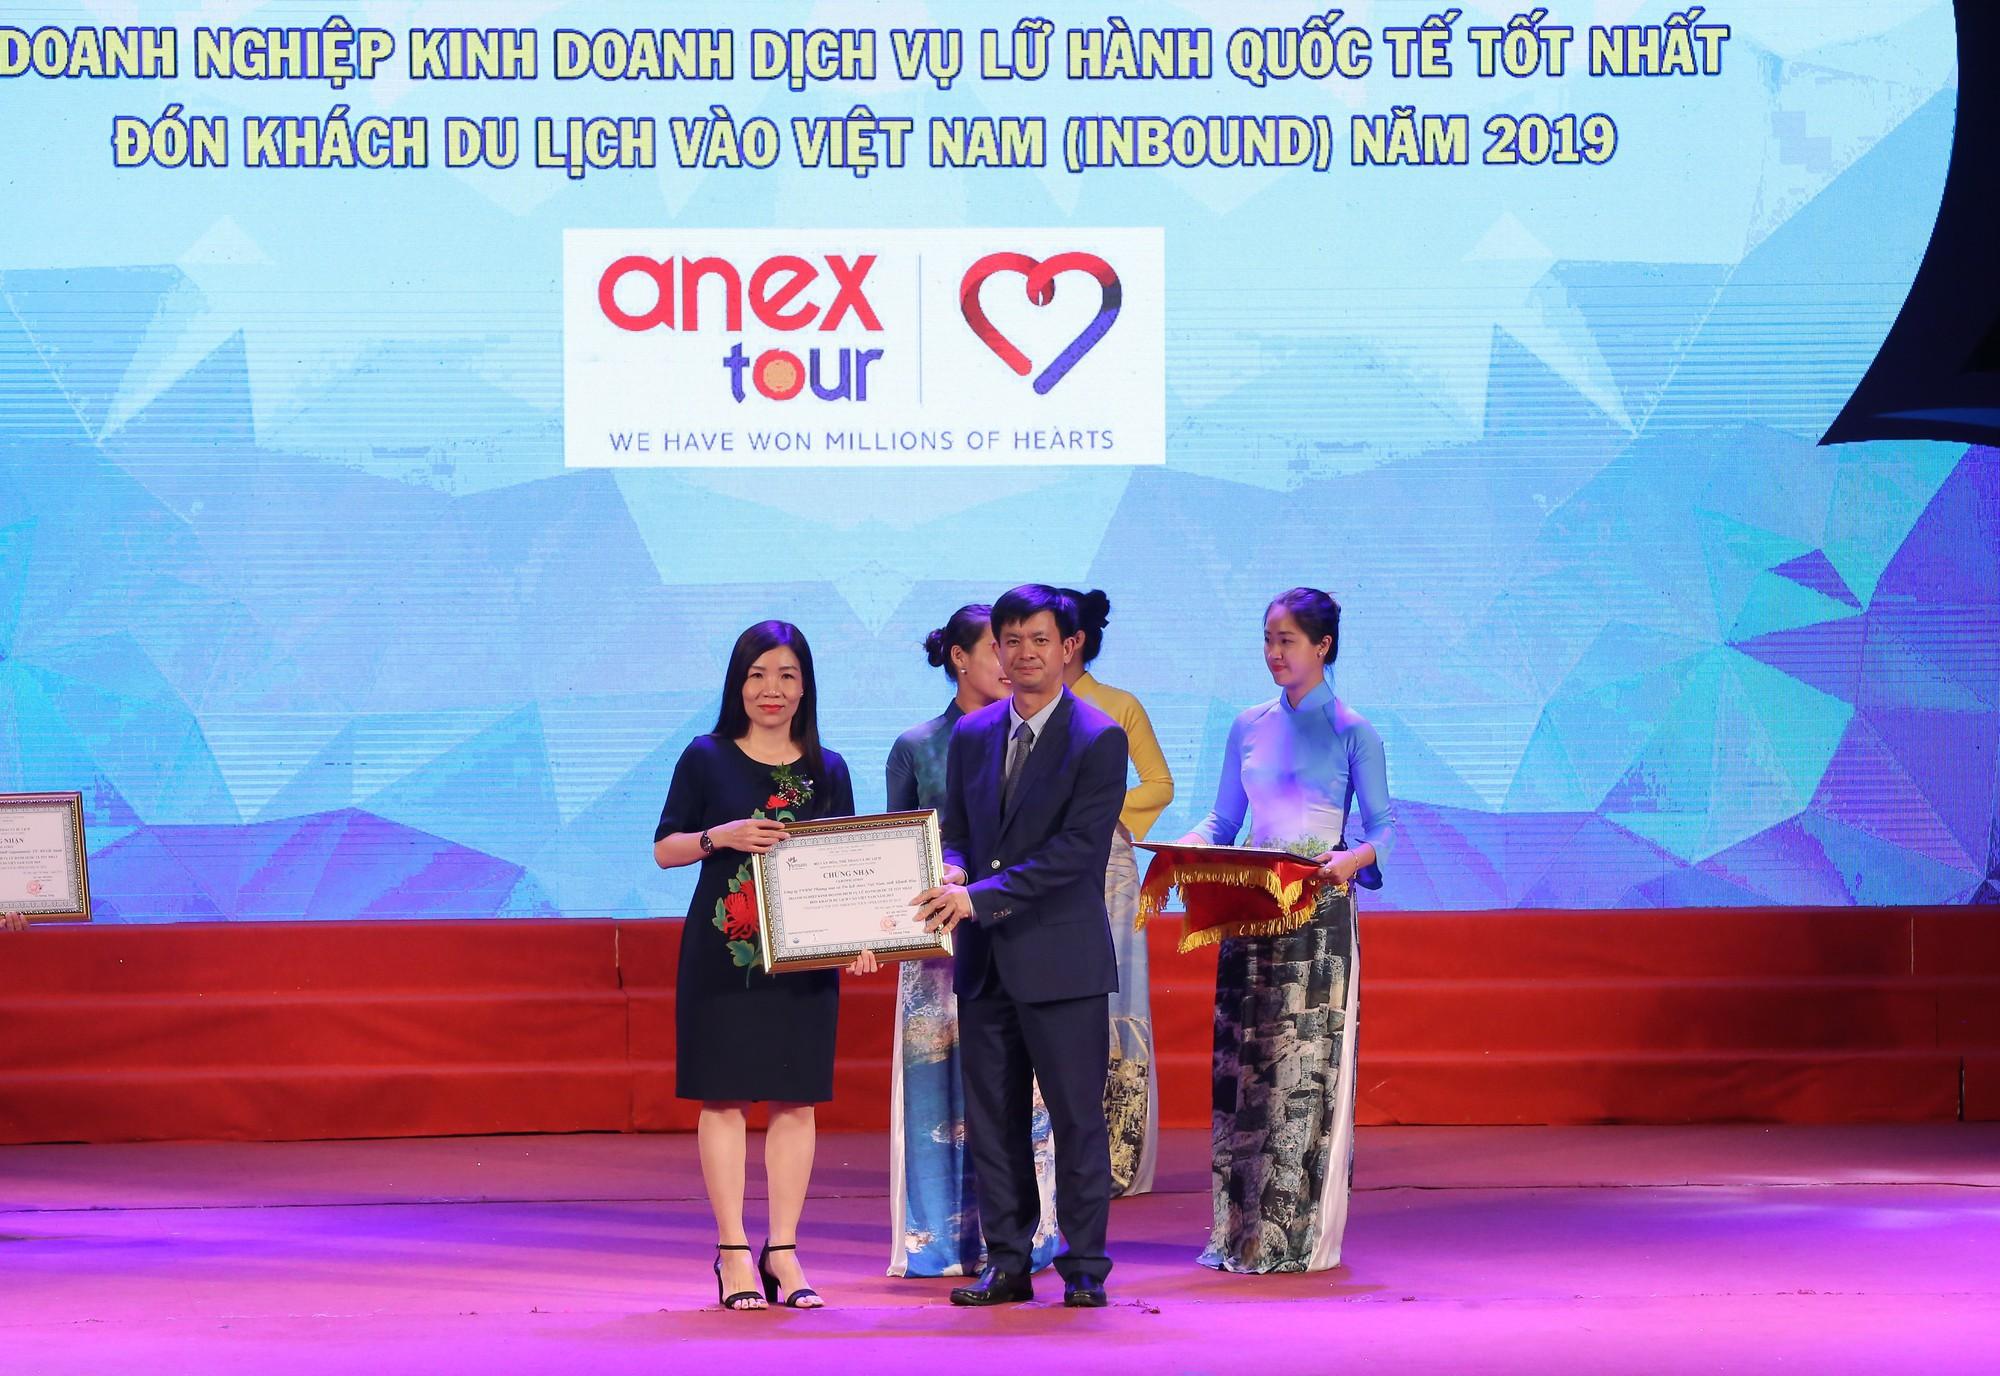 Thứ trưởng Bộ VHTTDL Lê Quang Tùng trao giải cho hạng mục doanh nghiệp kinh doanh lữ hành quốc tế tốt nhất.